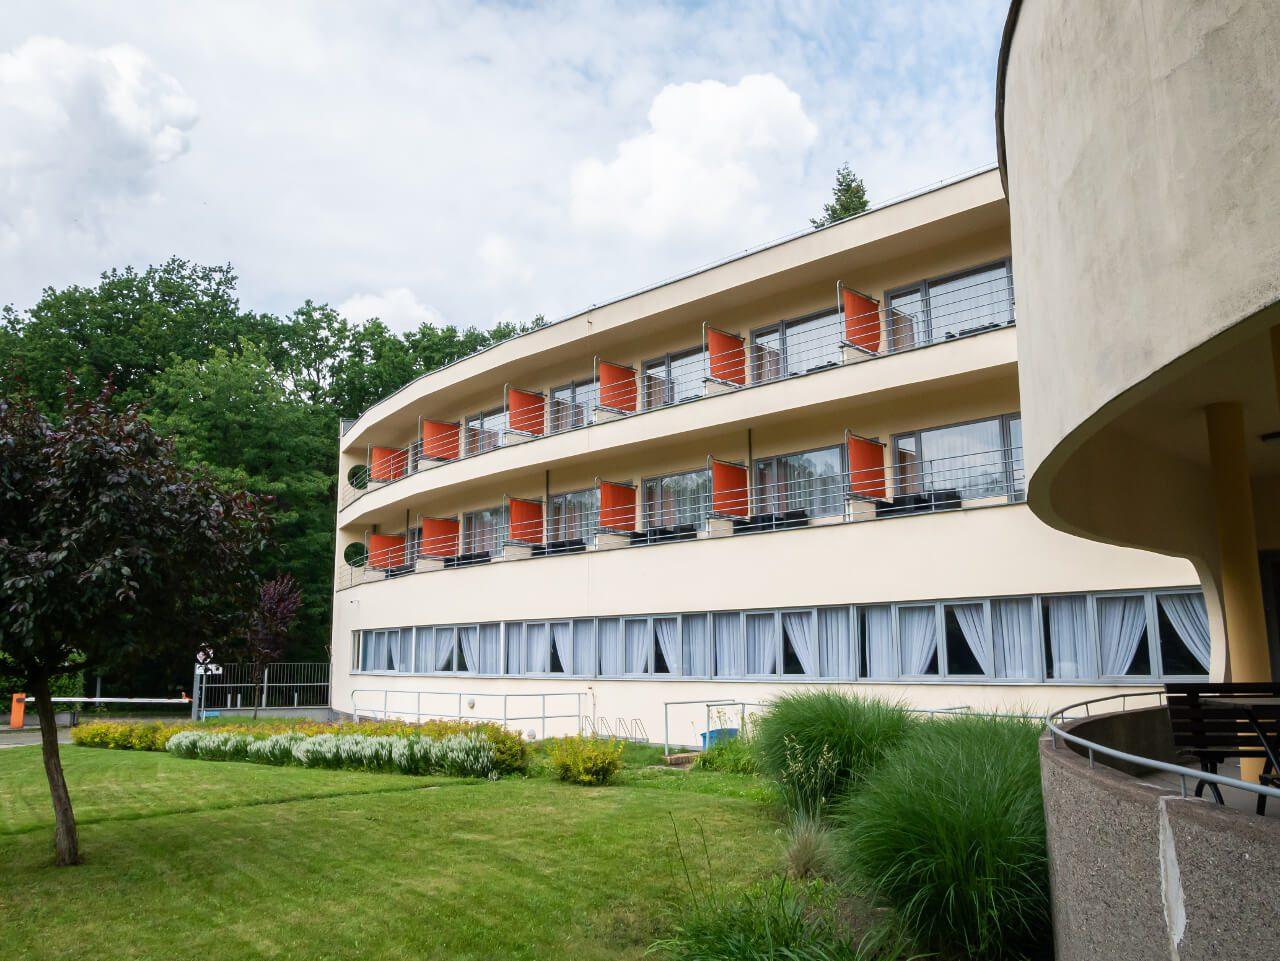 dom hotelowy wuwa wrocław fasada